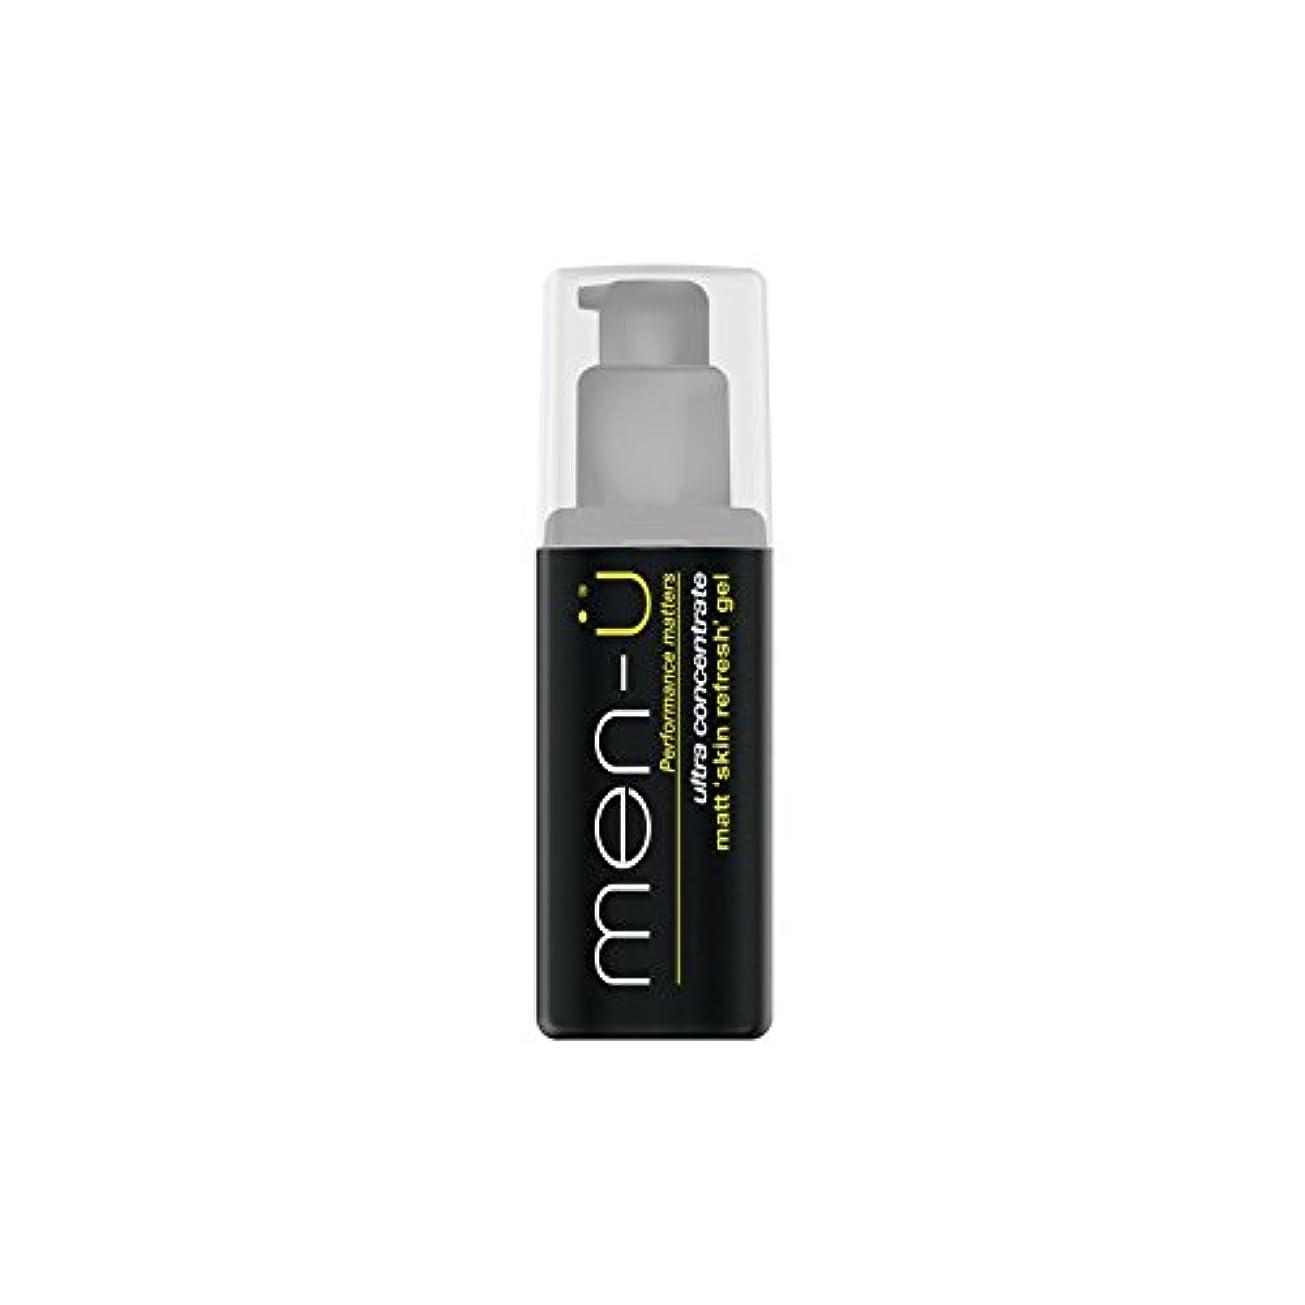 ケーブル唇農業のMen-? Matt Skin Refresh Gel (100ml) (Pack of 6) - 男性-?マット肌のリフレッシュジェル(100)に x6 [並行輸入品]